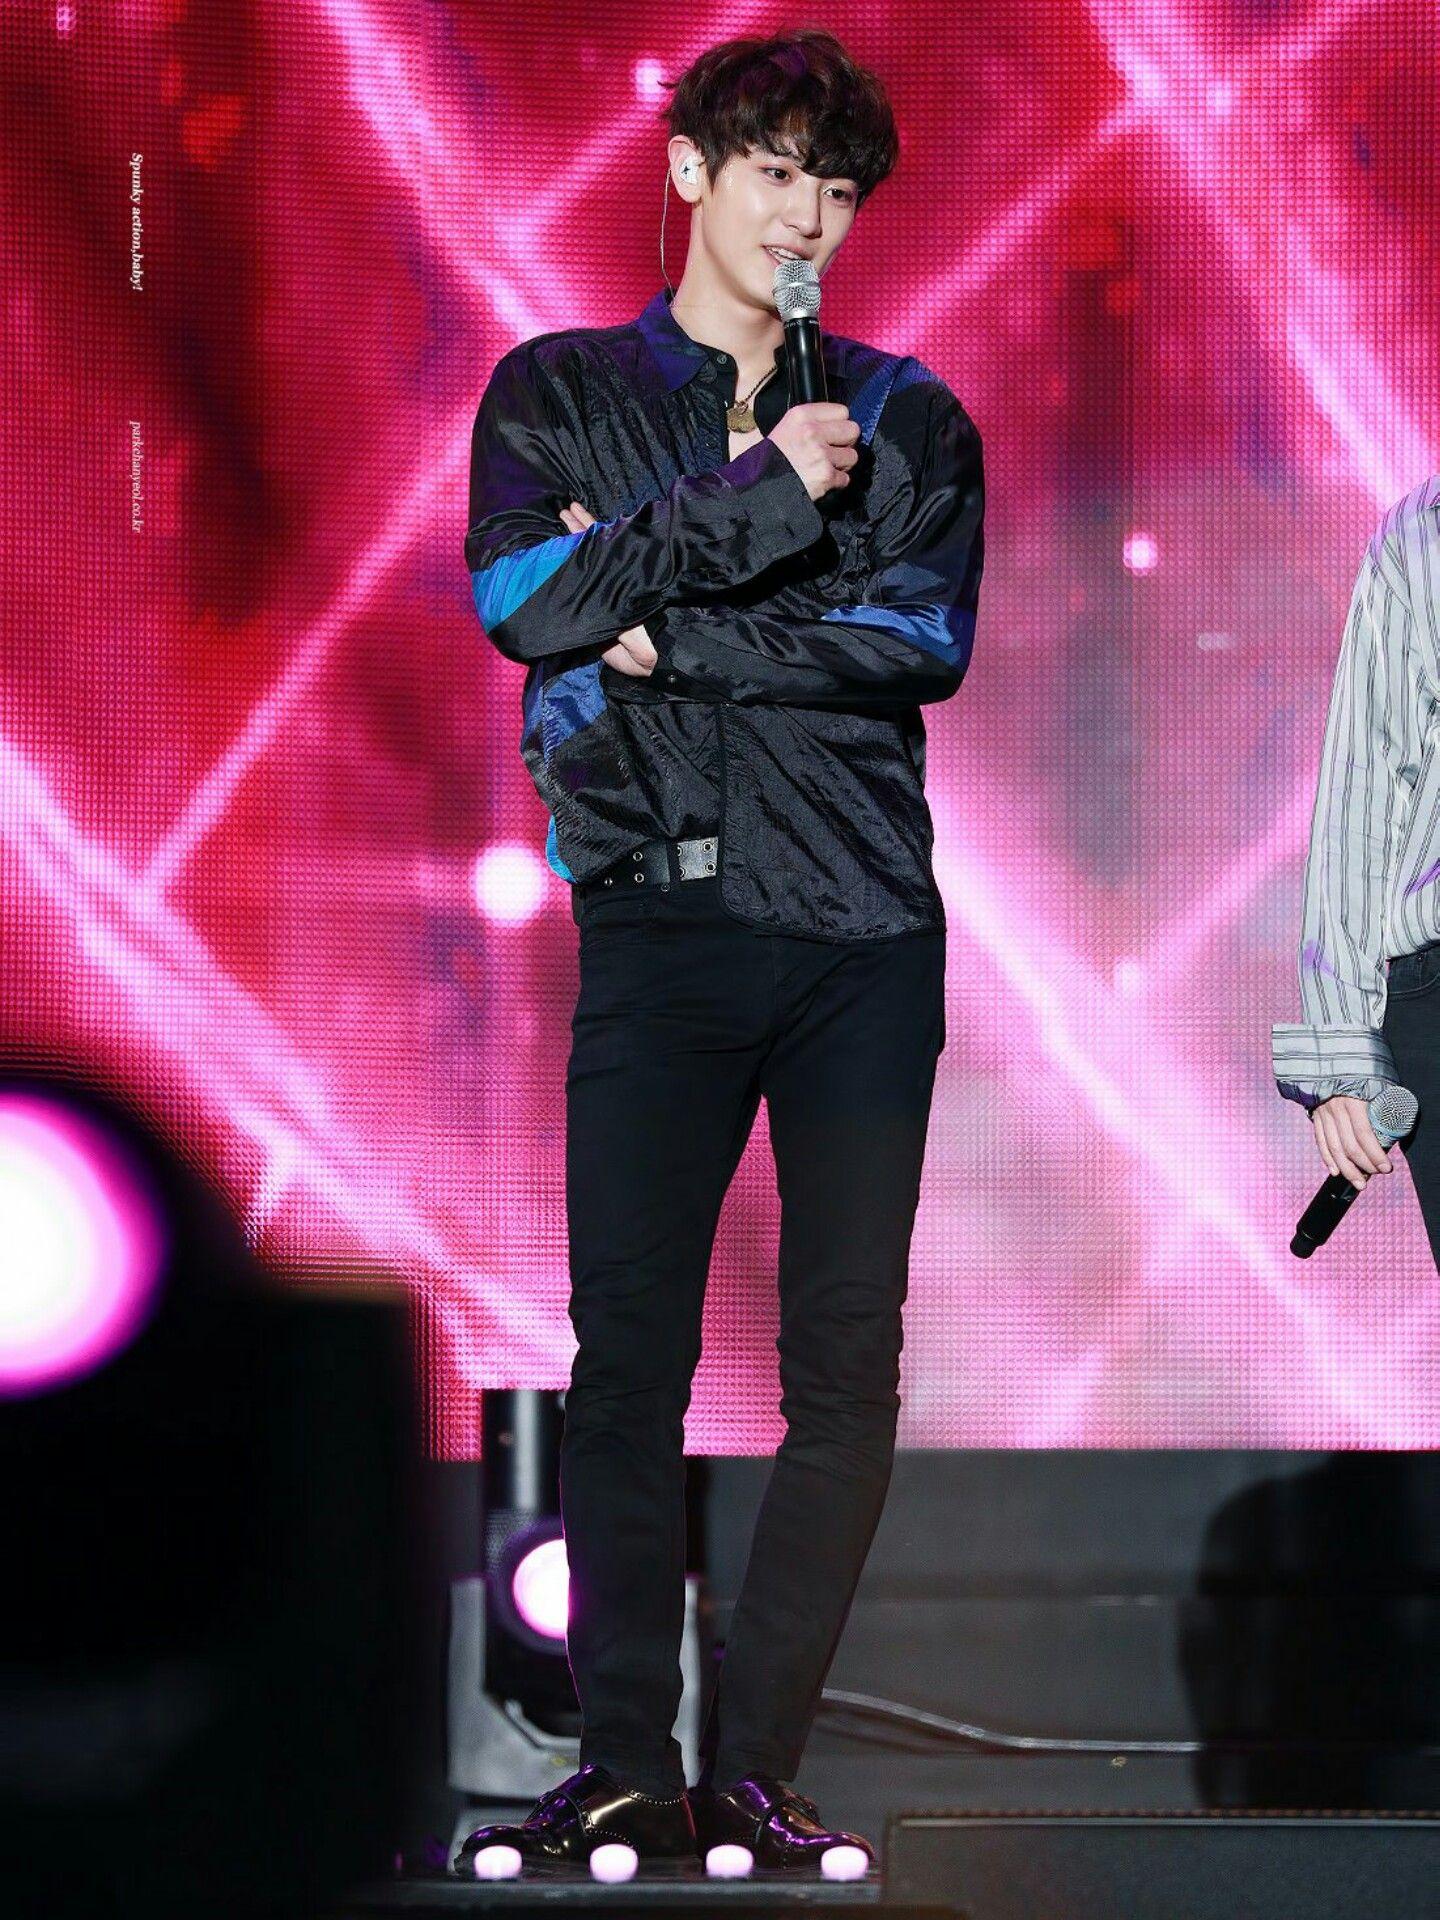 #170602 #월드프렌즈뮤직페스티벌 #WFMF #EXO #EXO-L #CHANYEOL #real_pcy #박찬열 #찬열 #박